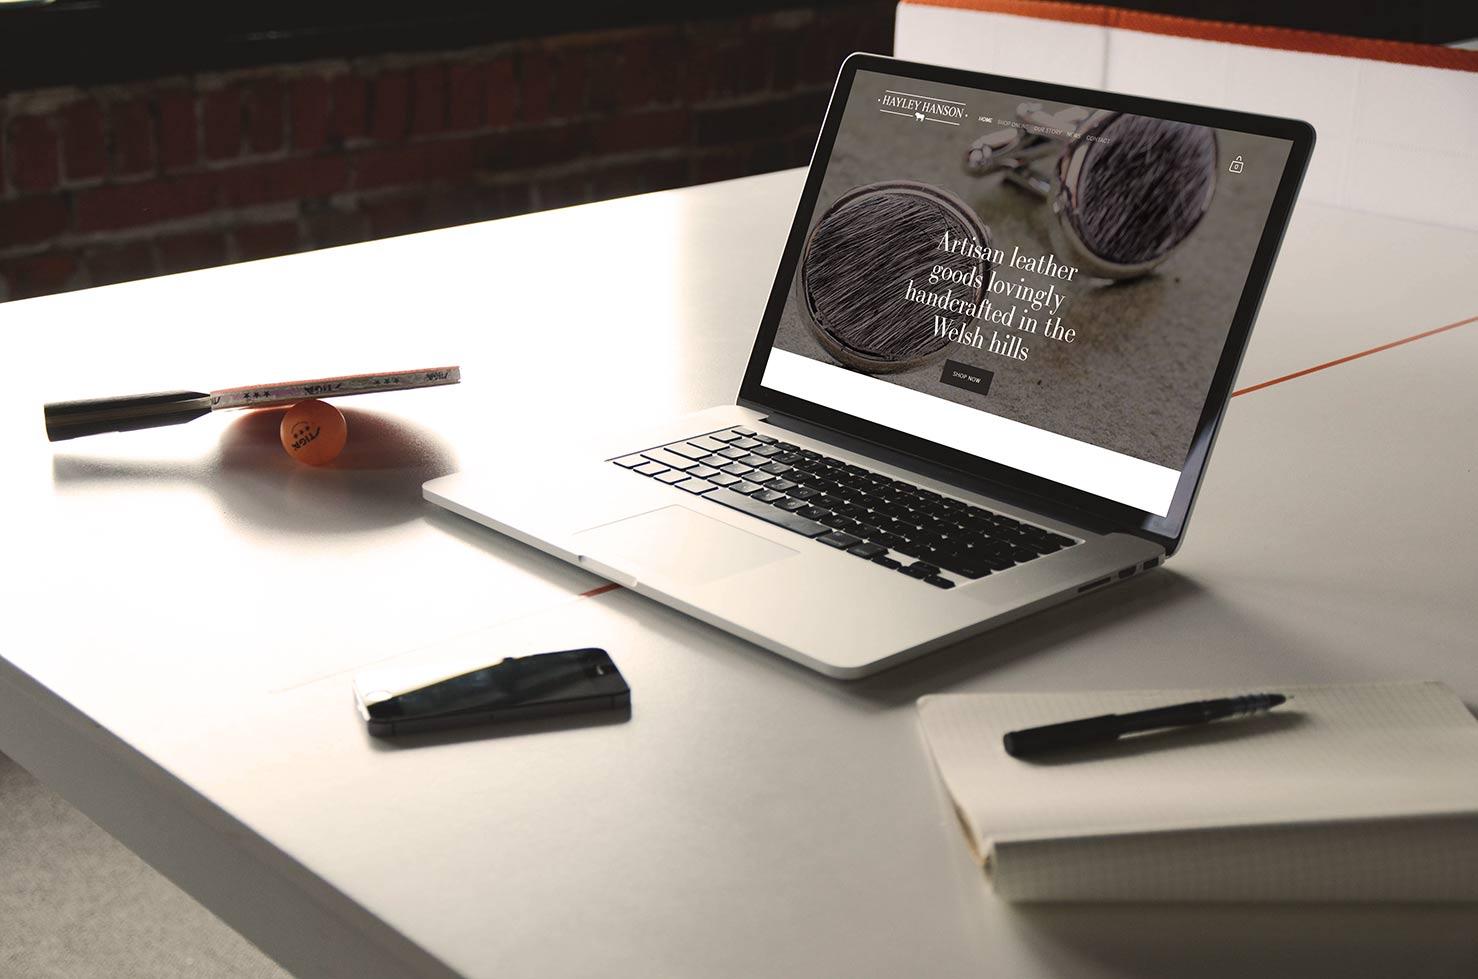 Hayley-hanson-website-on-Macbook.jpg